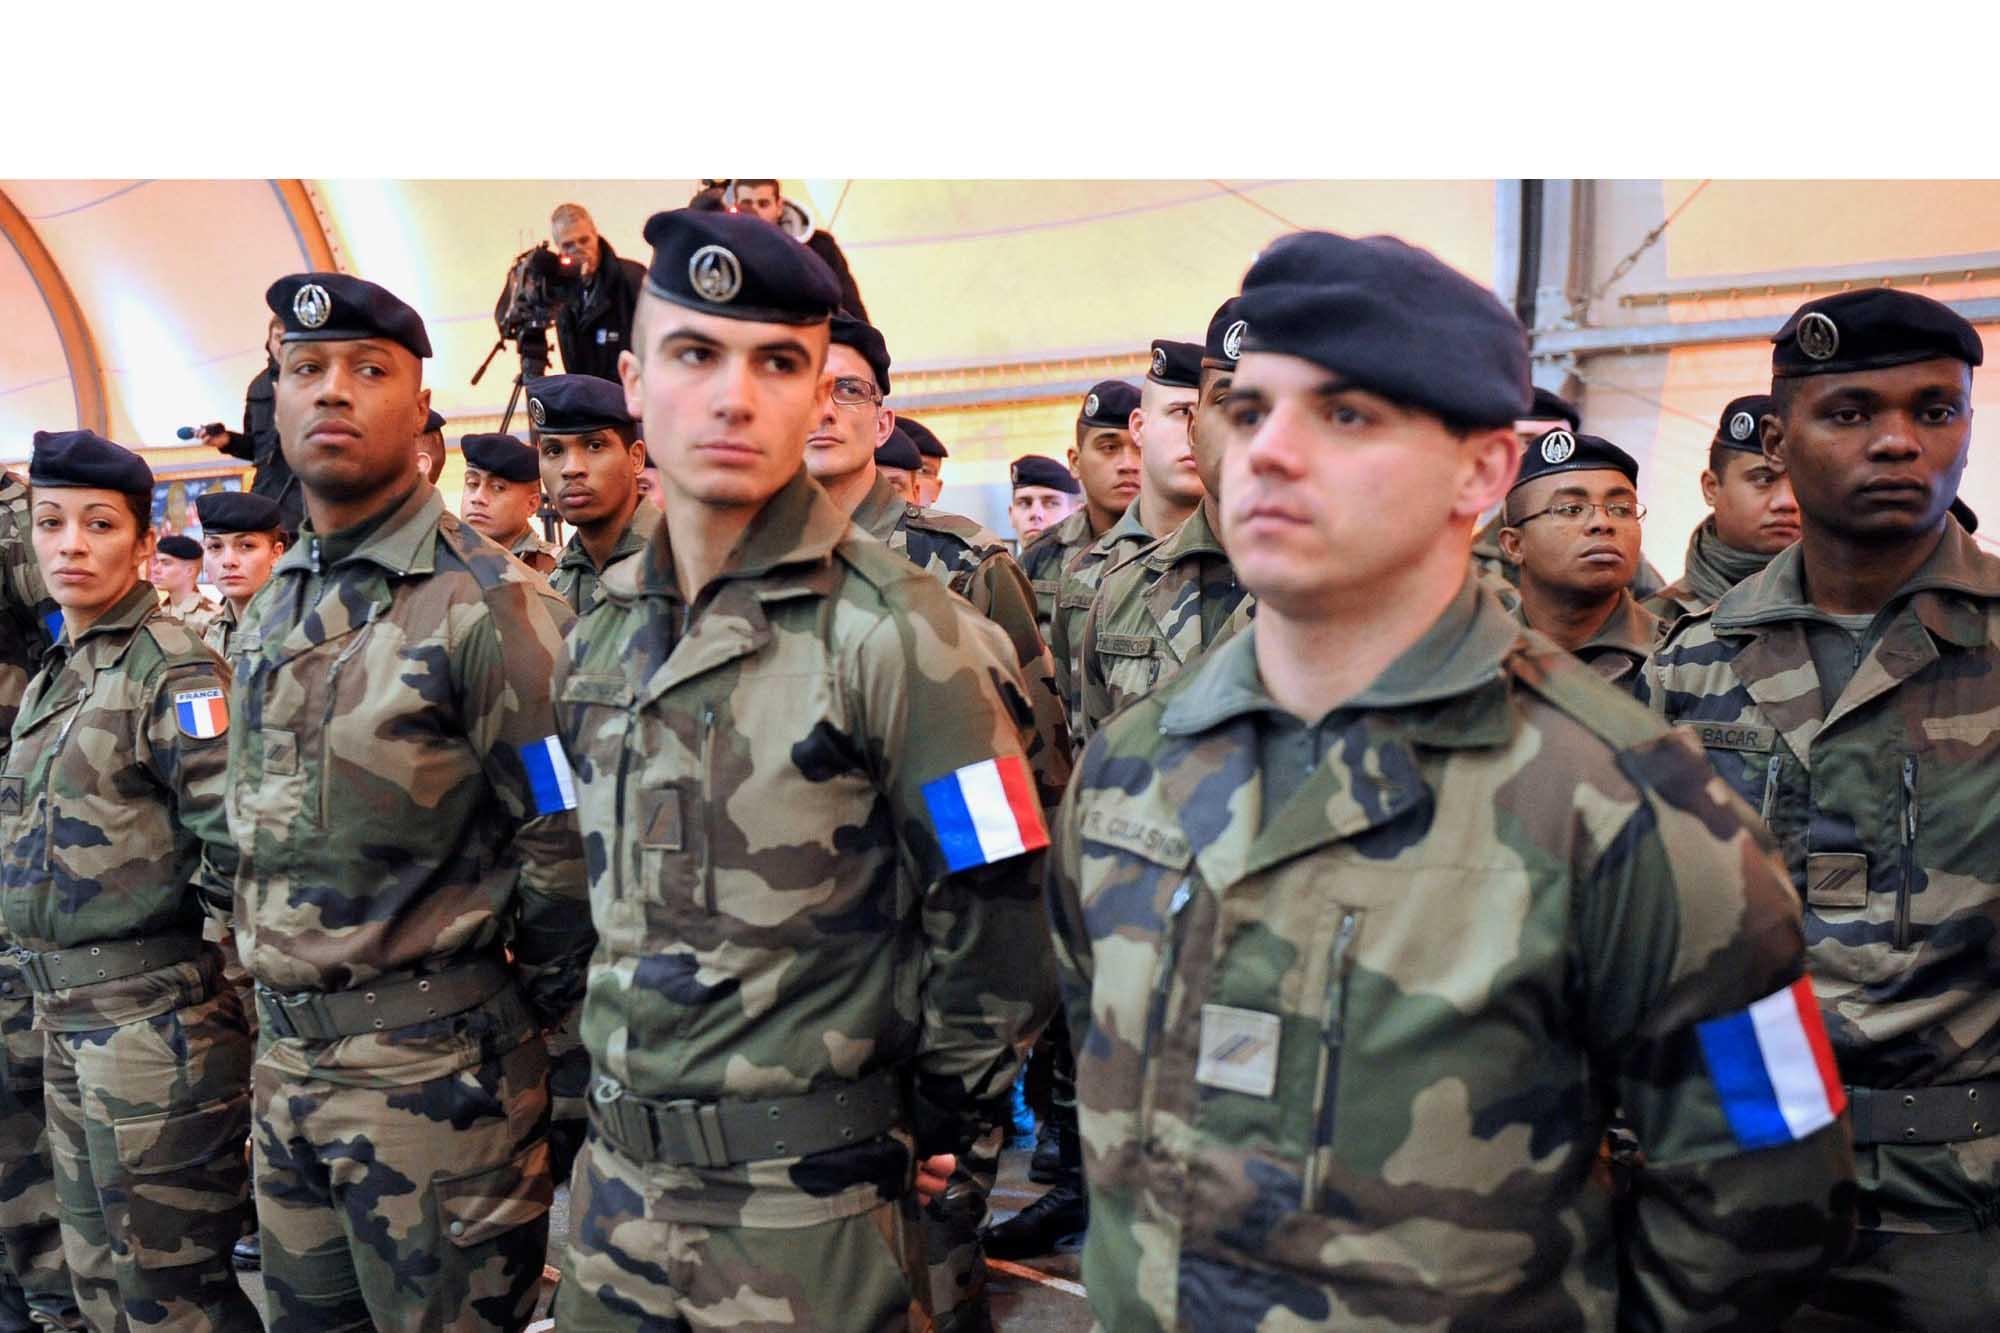 Es la primera vez que se confirma oficialmente la presencia de soldados franceses durante una operación en el país del norte